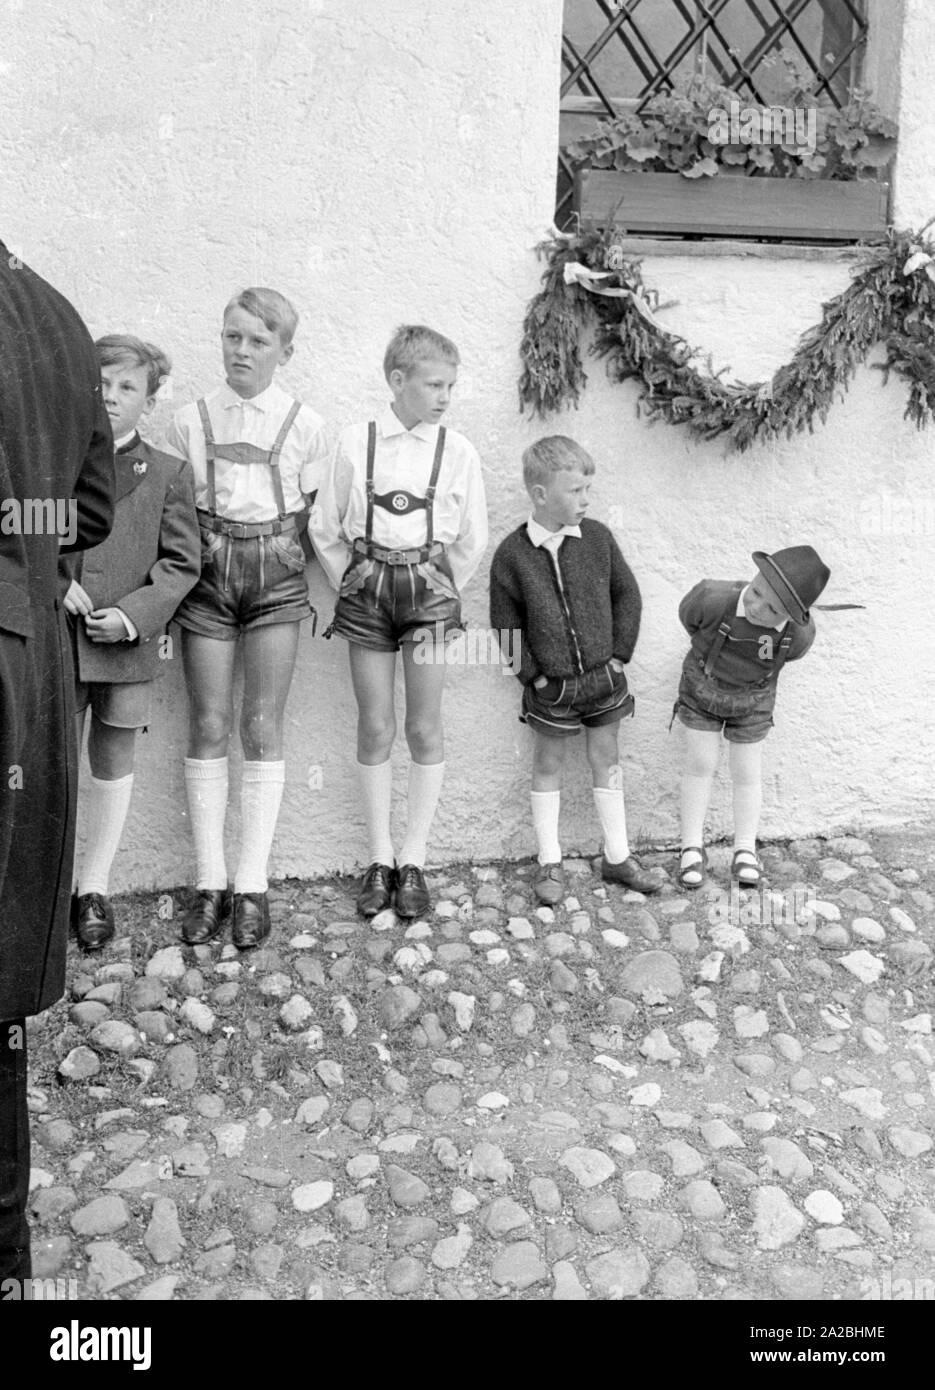 Boys in Lederhosen, at the wedding of Johann-Dieter Freiherr von Malsen-Ponickau with Maria Wieninger. Stock Photo